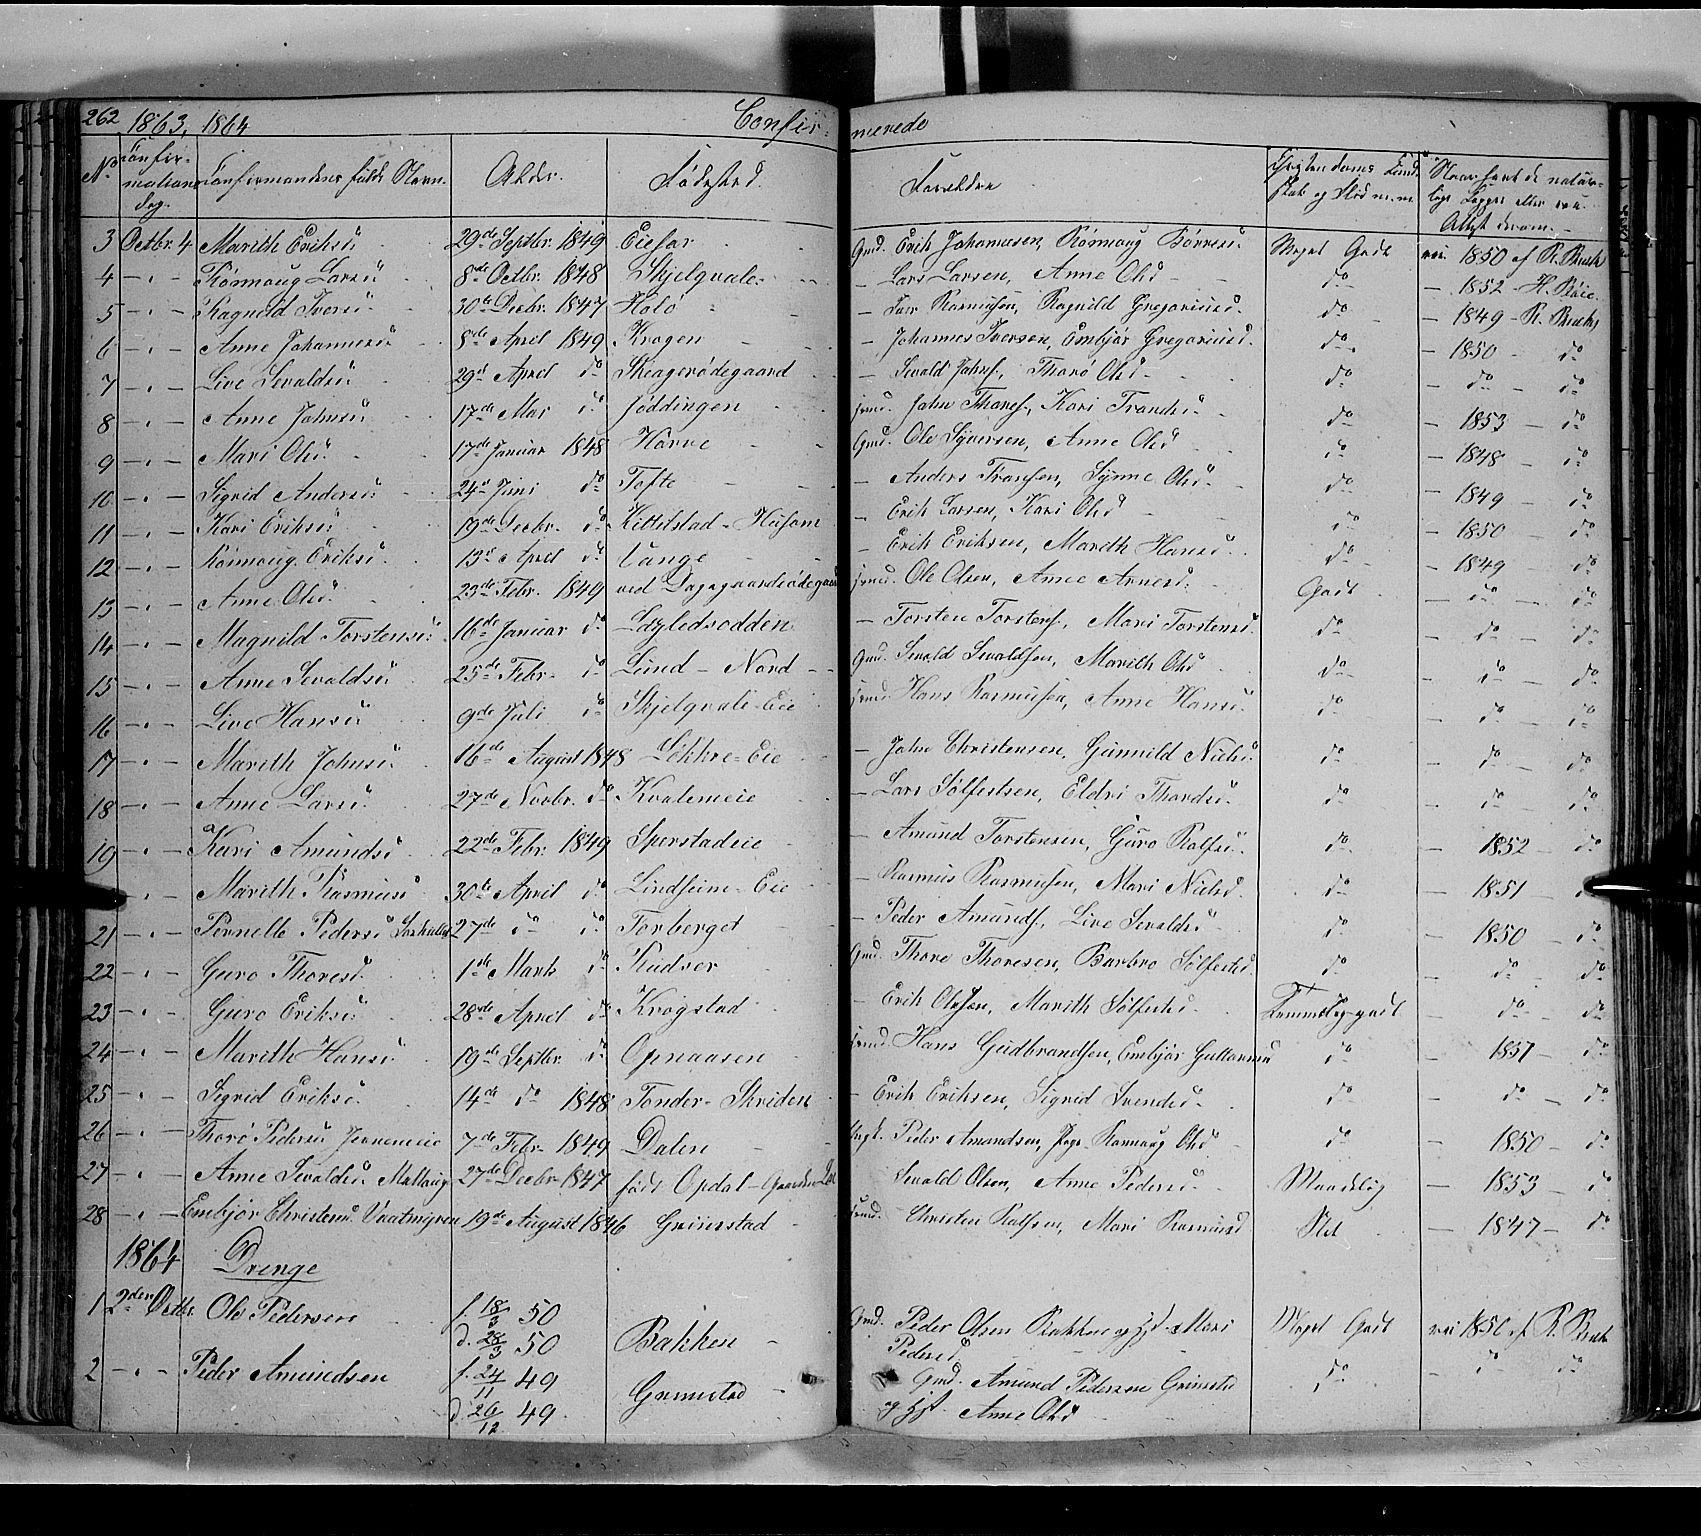 SAH, Lom prestekontor, L/L0004: Klokkerbok nr. 4, 1845-1864, s. 262-263